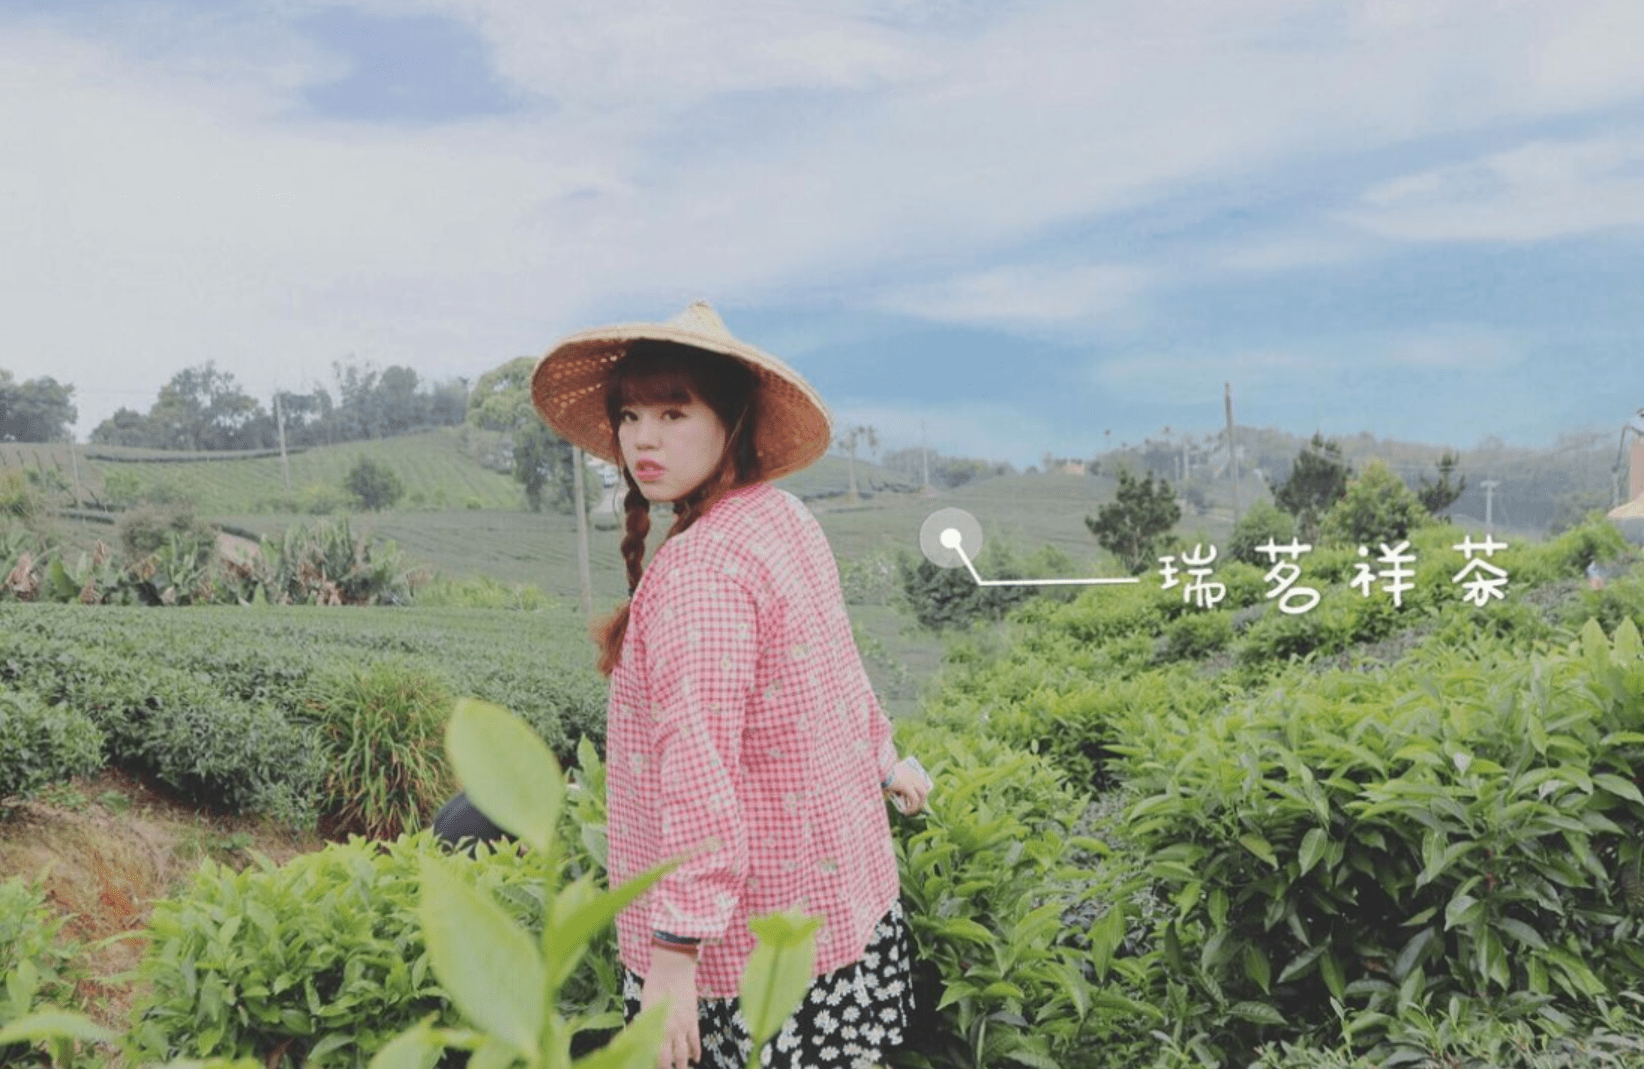 瑞茗祥採茶製茶體驗